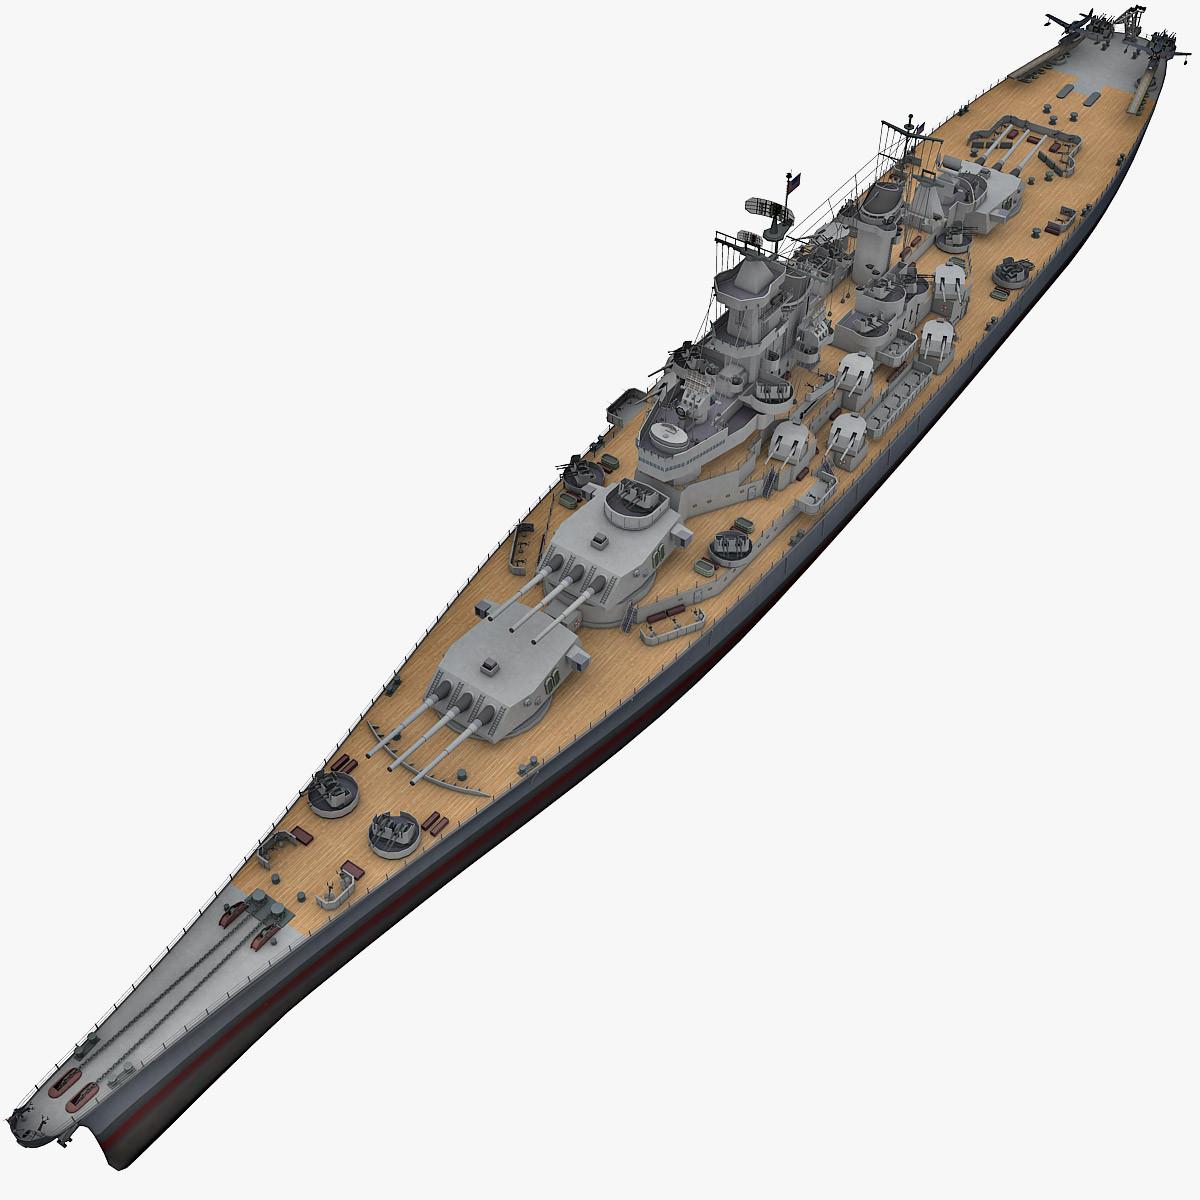 Battleship_a.jpg